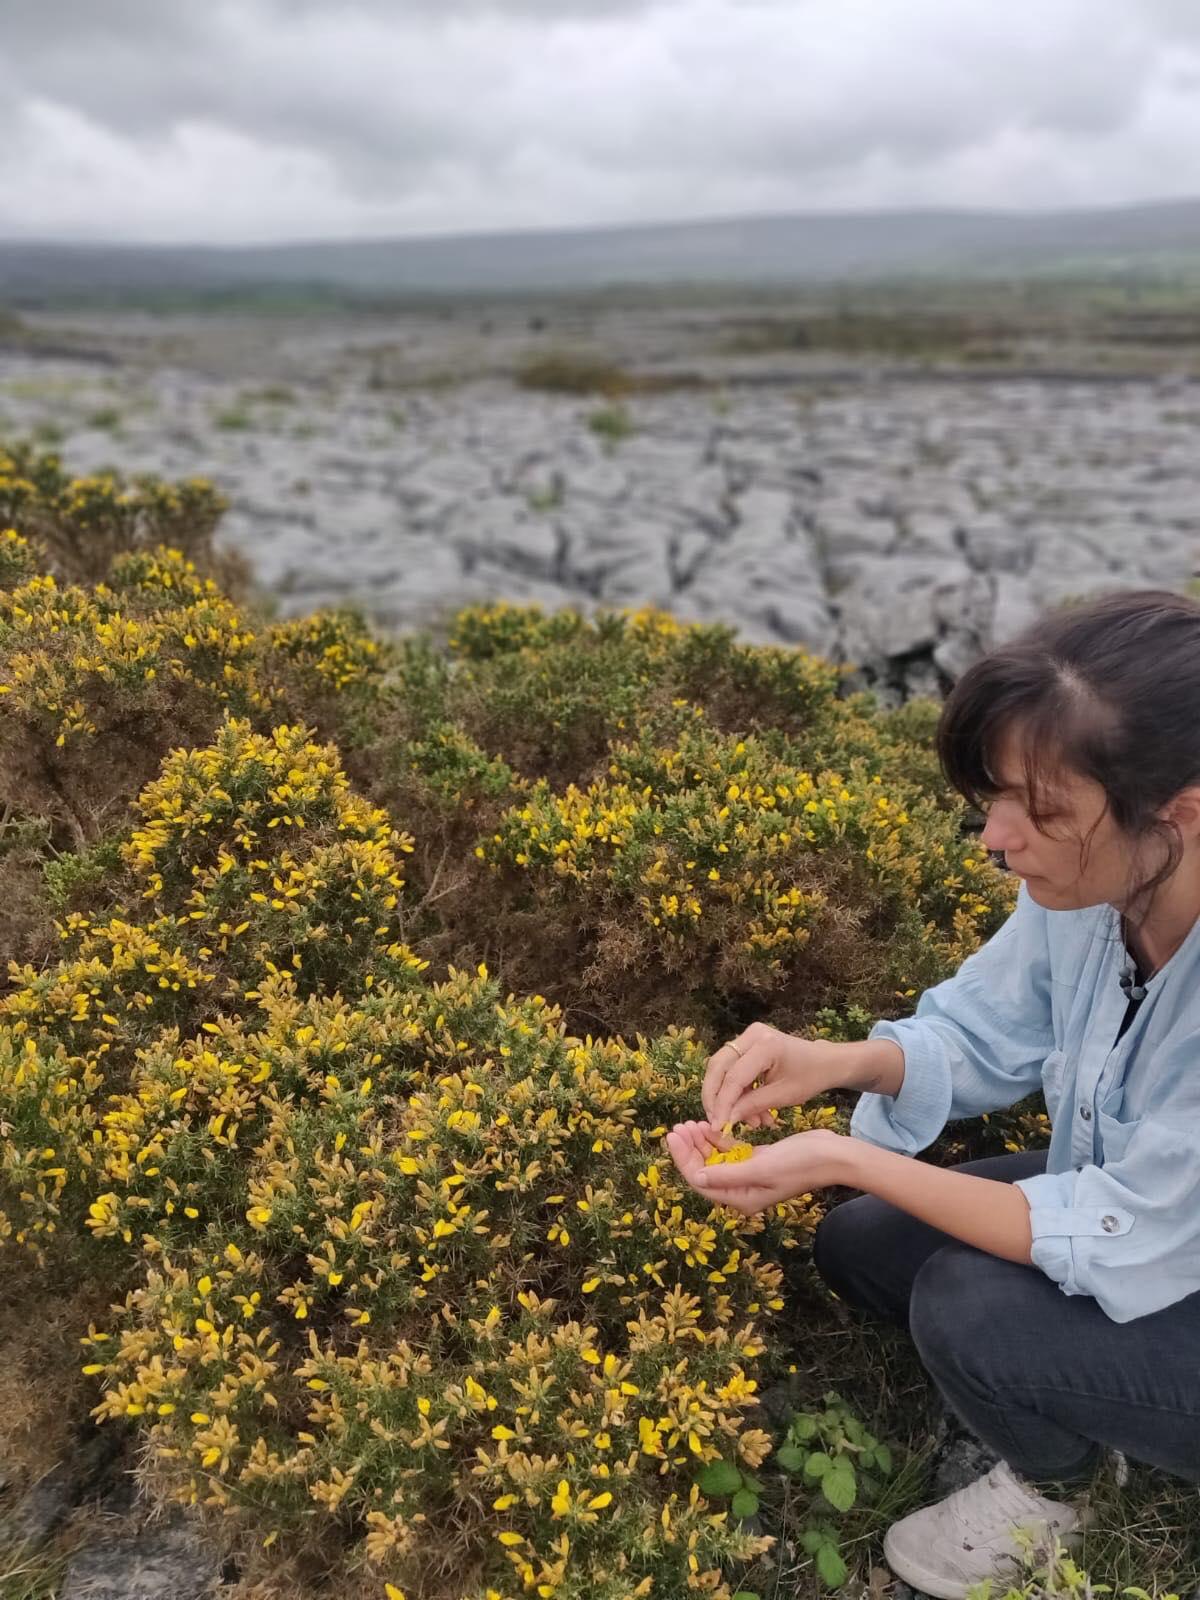 sionnach yarns naturally hand dyed yarn ireland burren irish indie dyer locally foraged gorse dyeing teinture végétale naturelle ajonc (1)